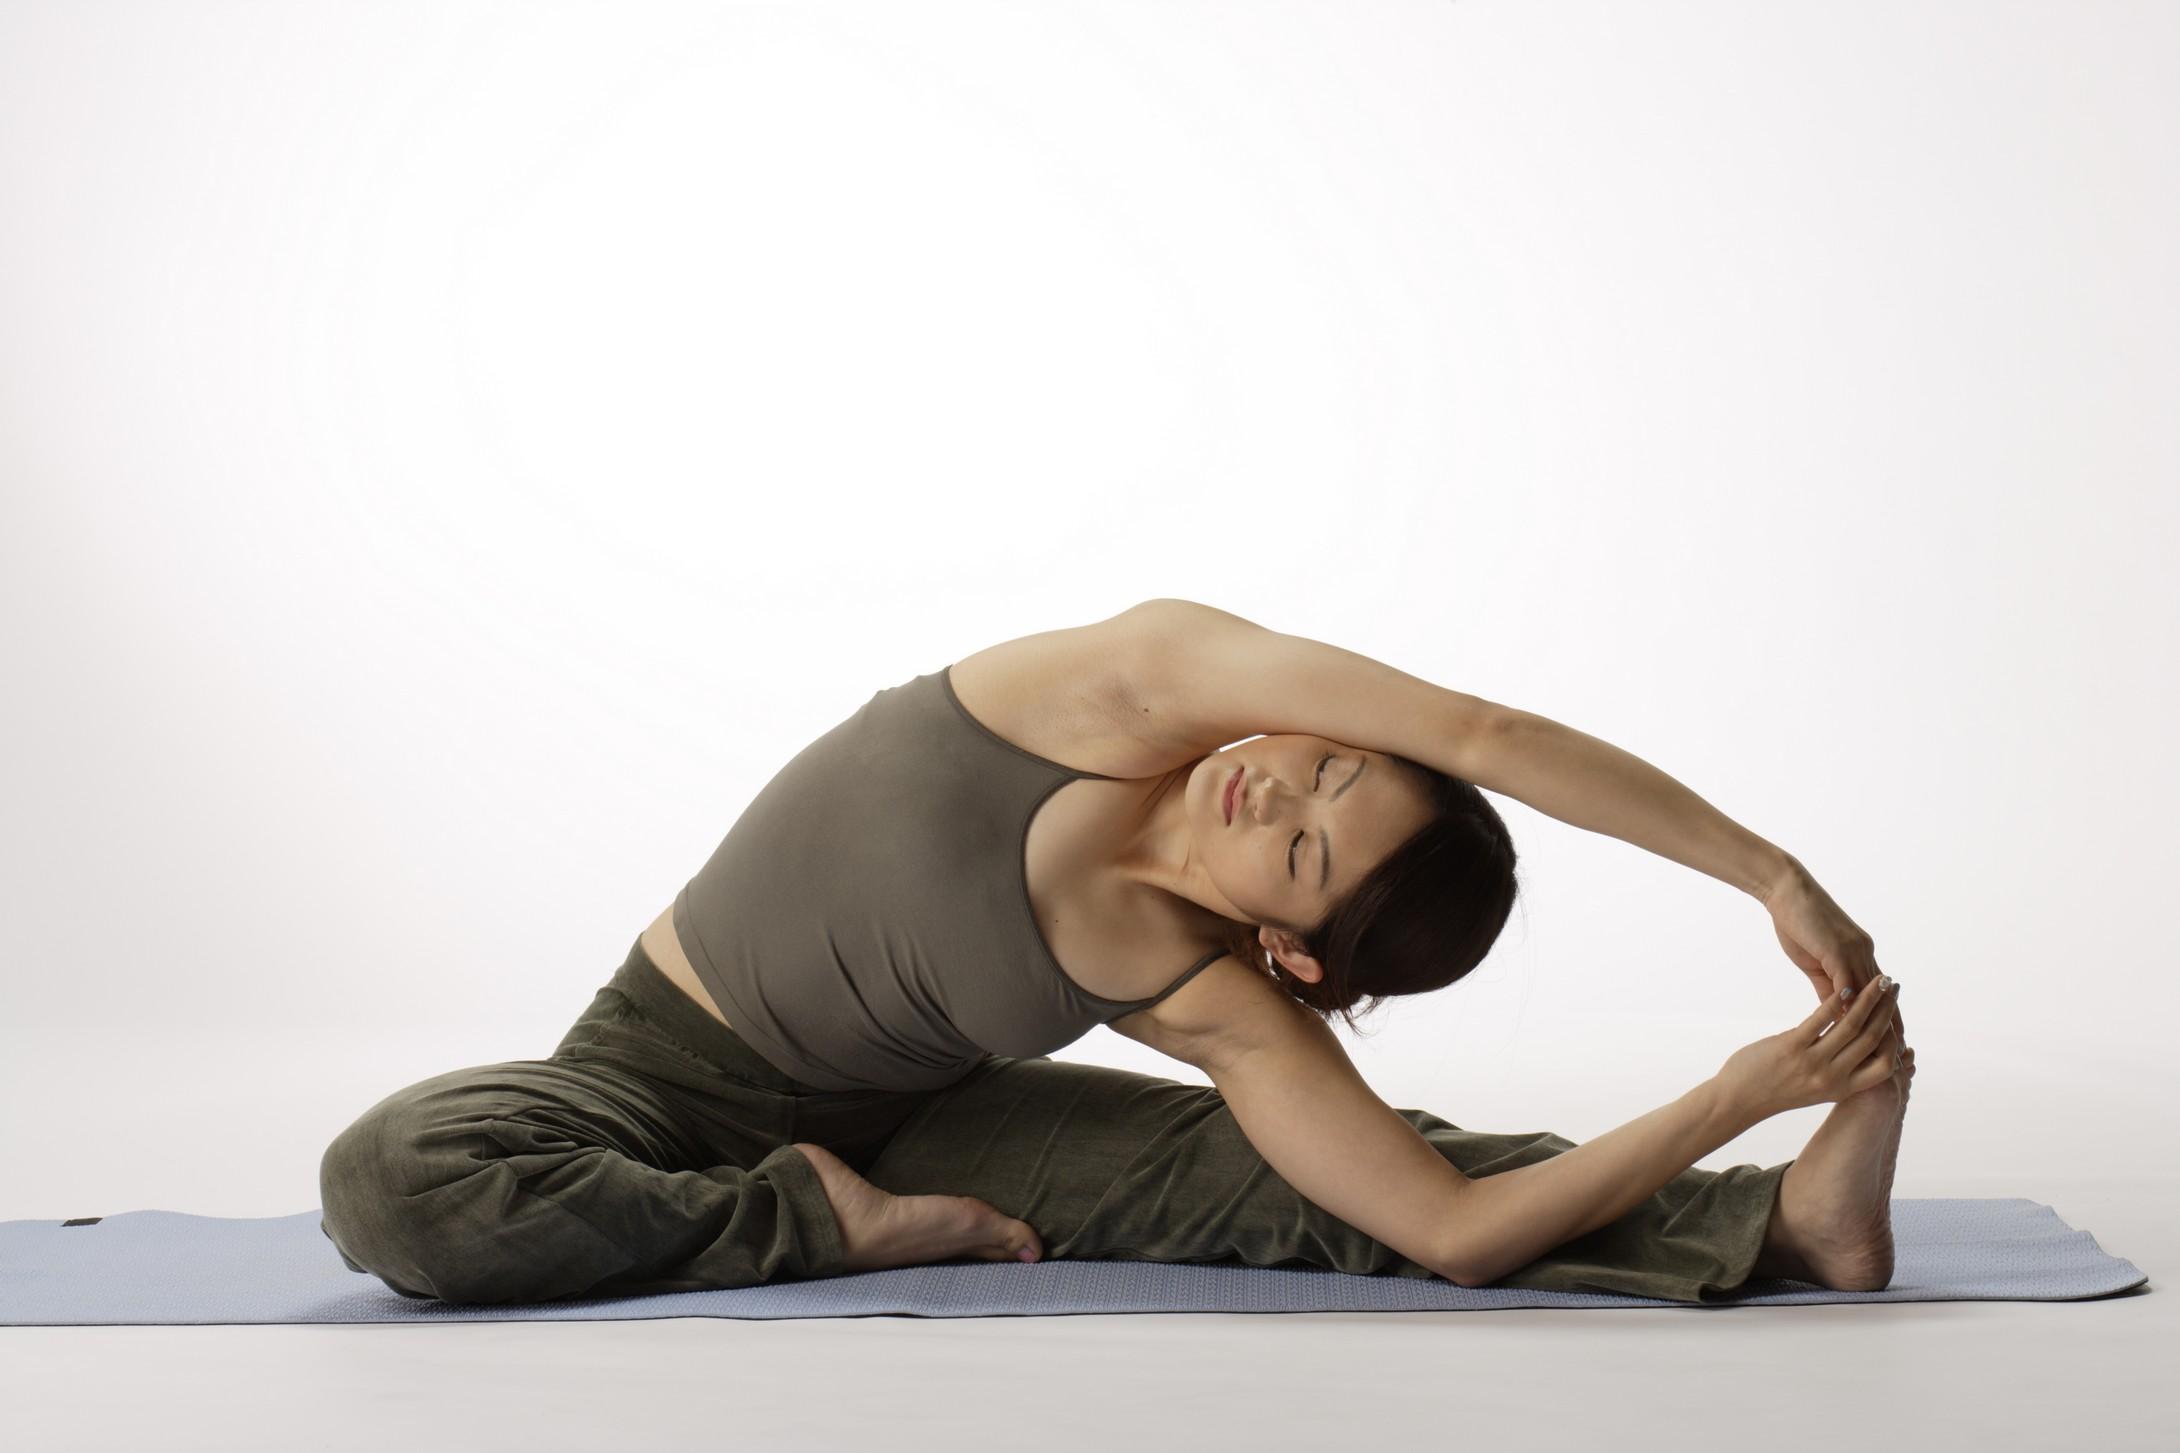 瑜伽减肥效果好 为你介绍几个超级有效的瑜伽减肥动作